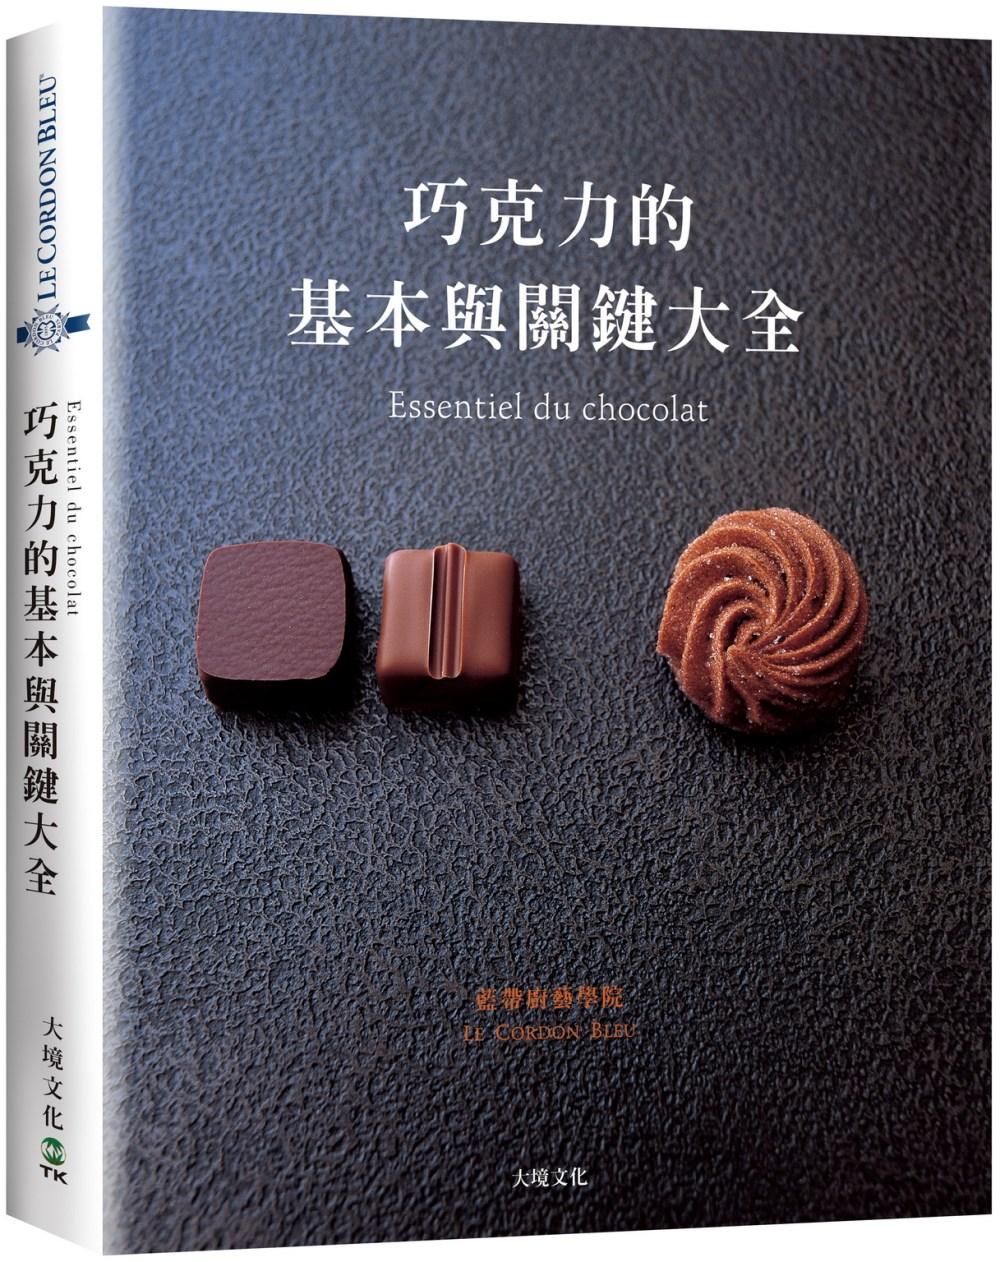 巧克力的基本與關鍵大全 Essentiel du chocolat:MOF親自傳授1127張詳細步驟圖解,巧克力的知識與技巧必備寶典